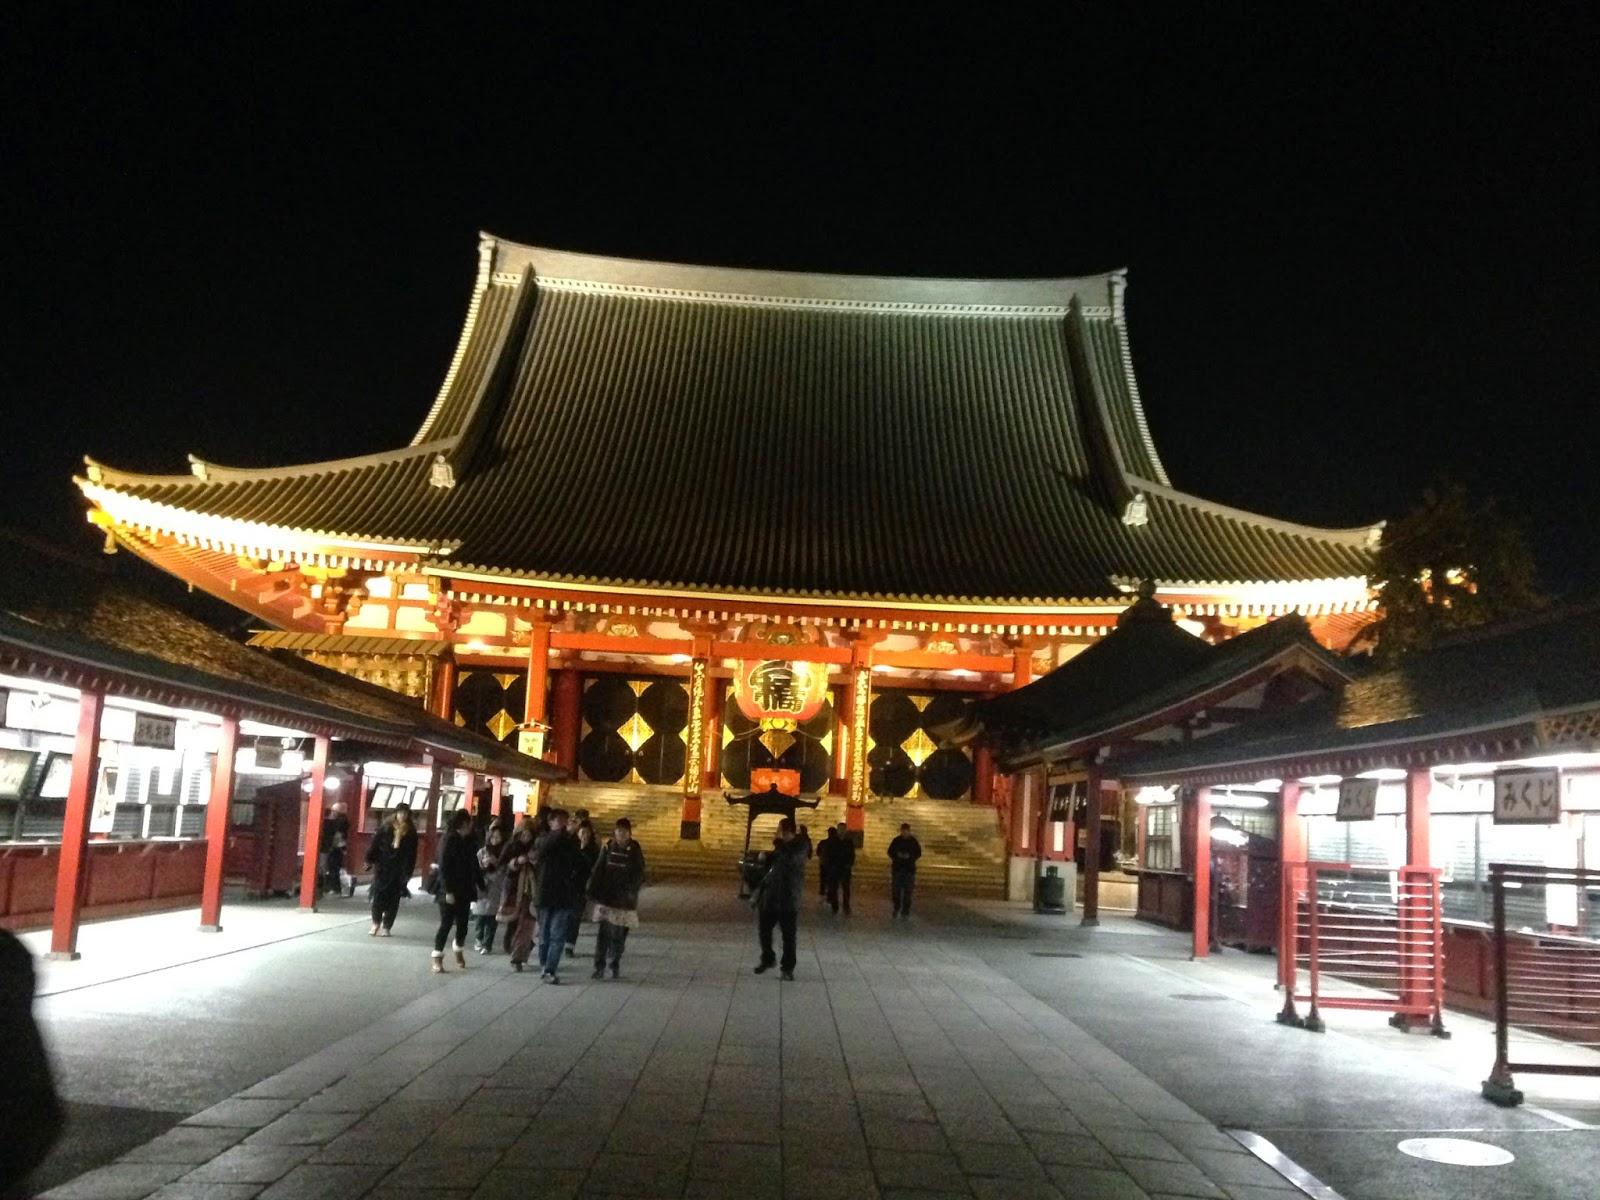 feng shui feng shui of asakusa senso ji temple. Black Bedroom Furniture Sets. Home Design Ideas